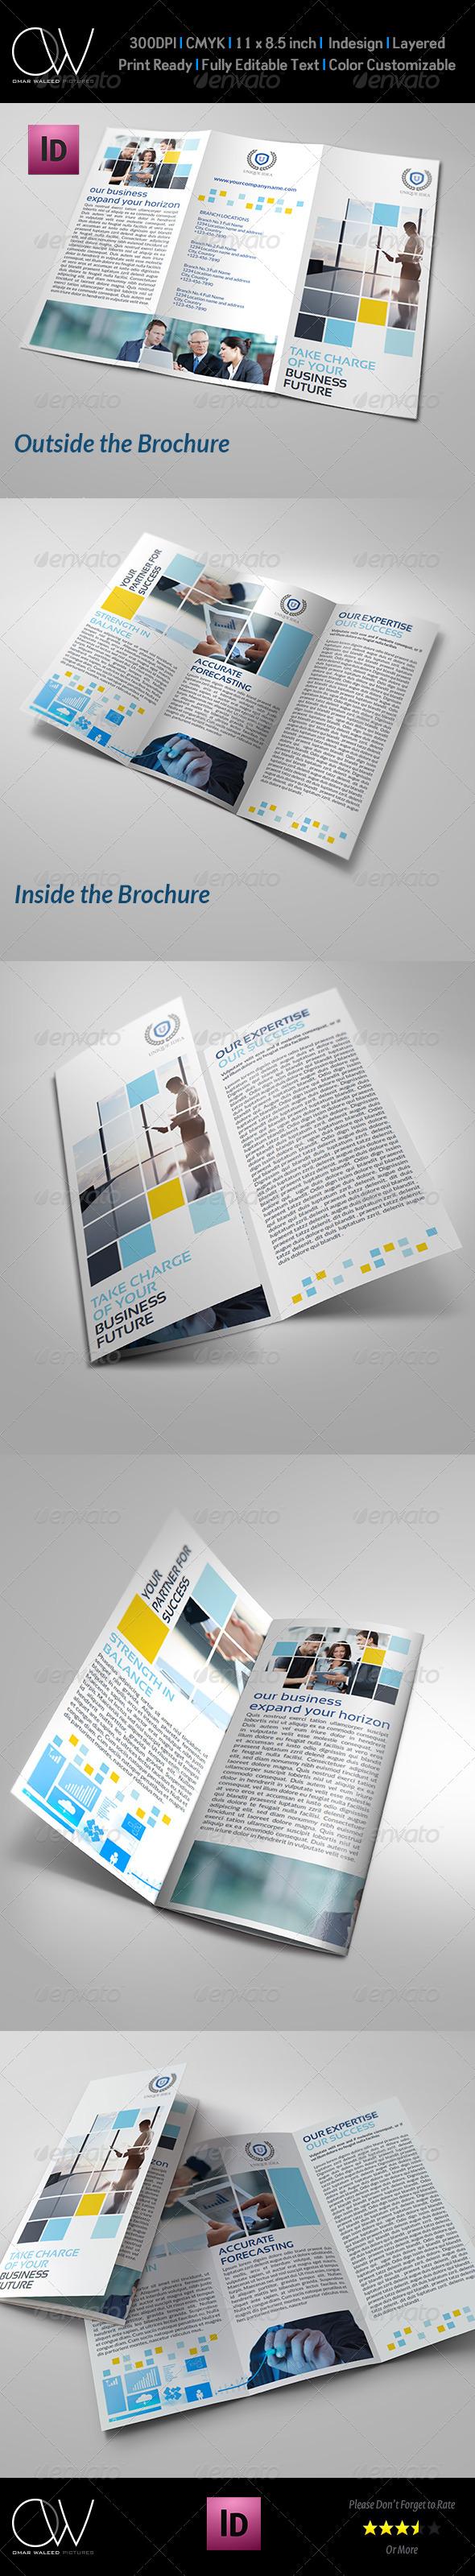 Corporate Business Tri-Fold Brochure Vol.6 - Corporate Brochures